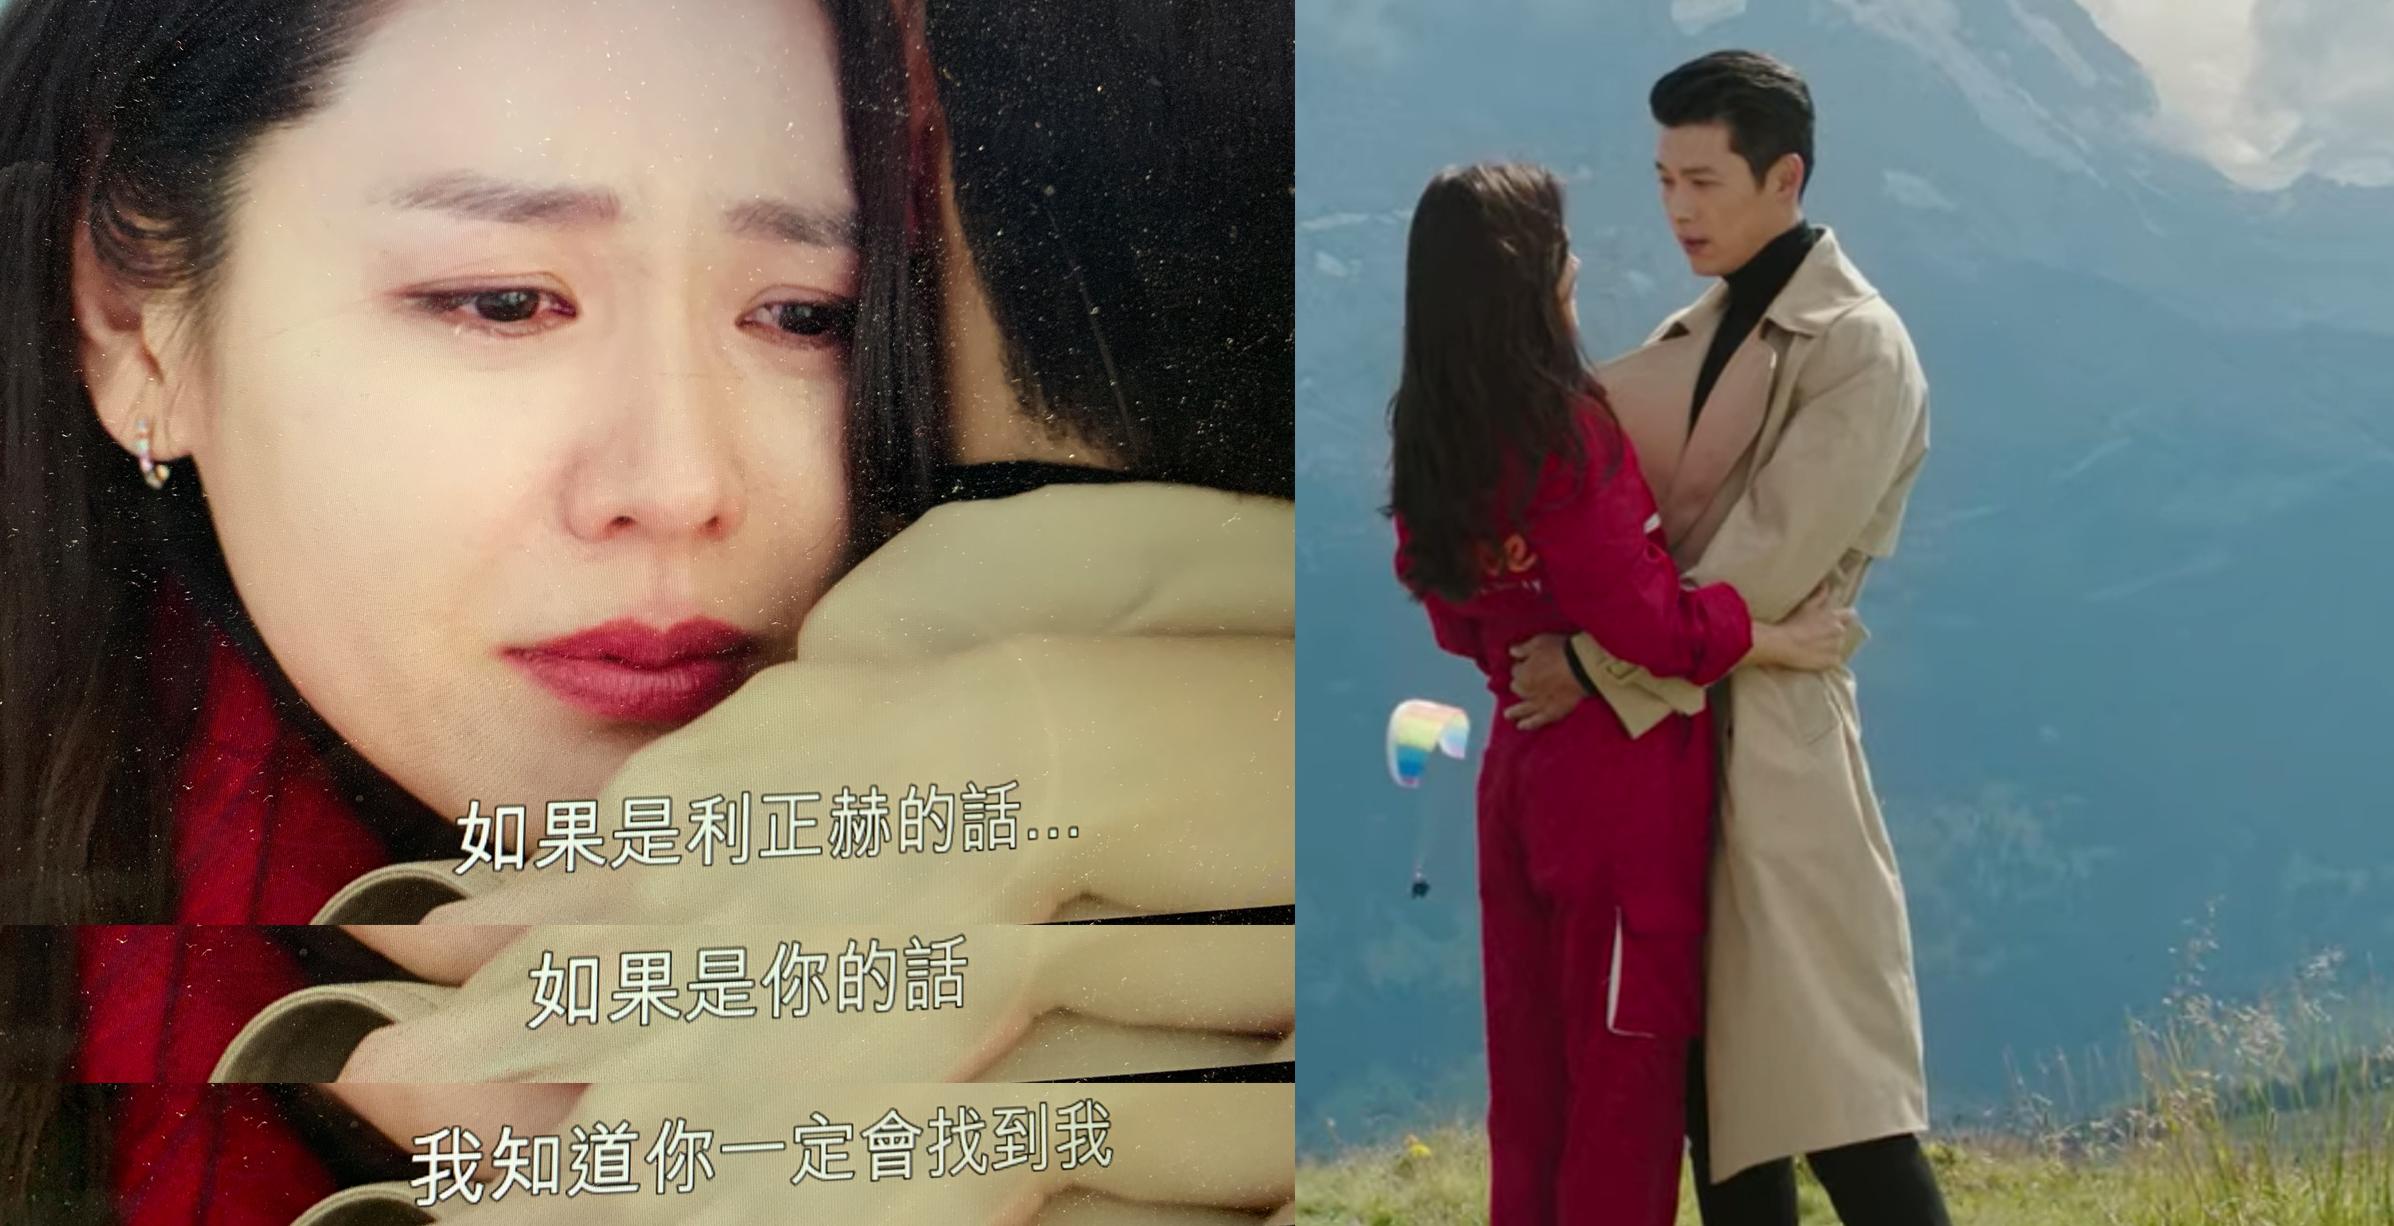 《愛的迫降》女主角尹世理(孫藝珍飾)對利正赫(玄彬飾)說:「如果是你的話,我知道你一定會找到我。」